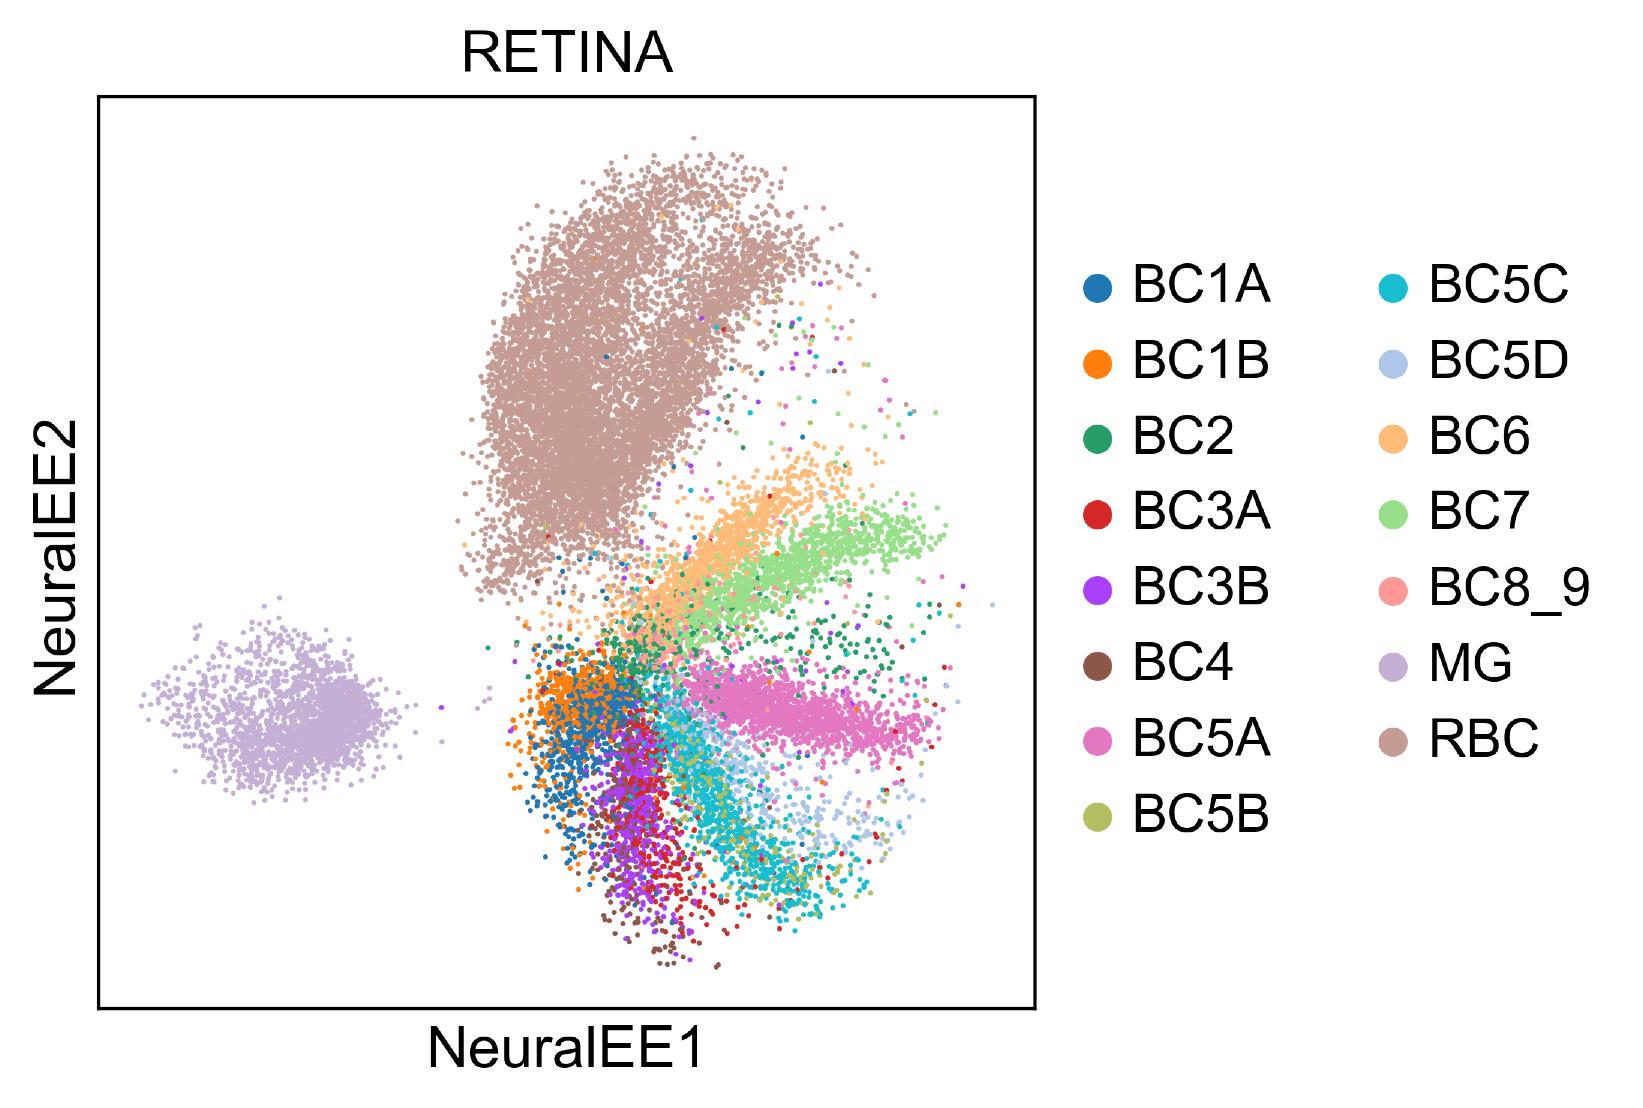 NeuralEE of HEMATO